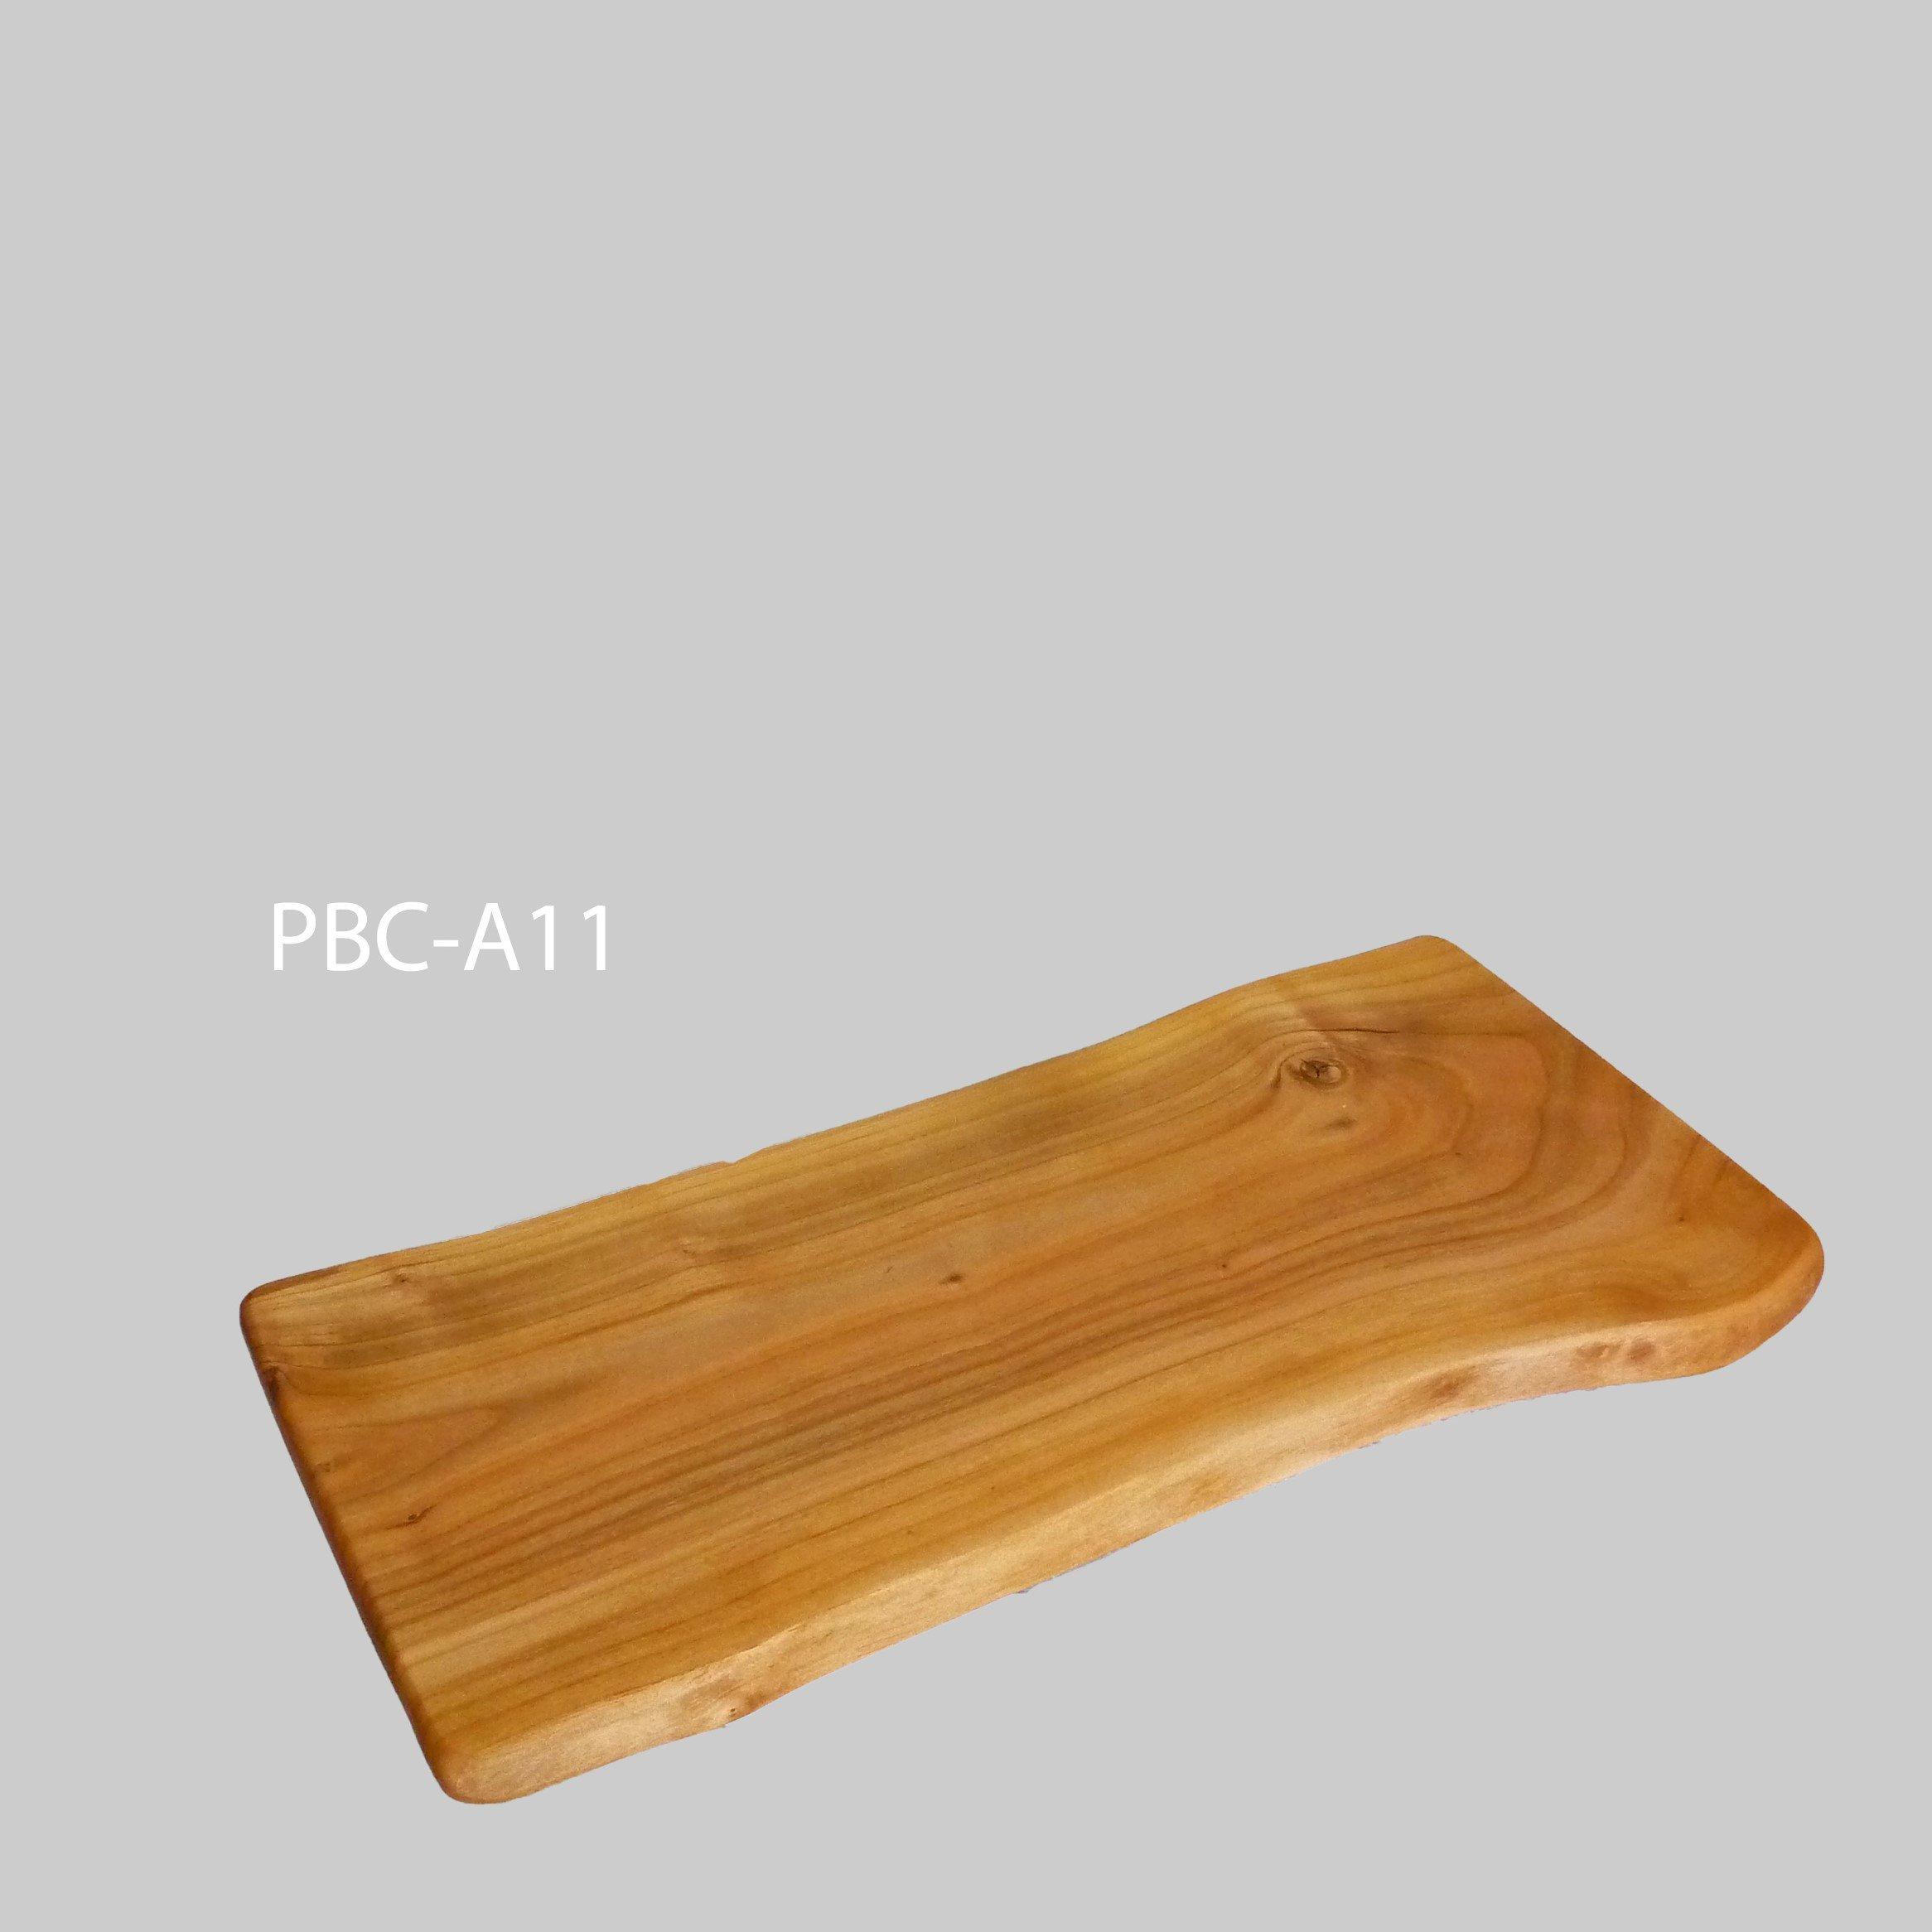 PBC-A11